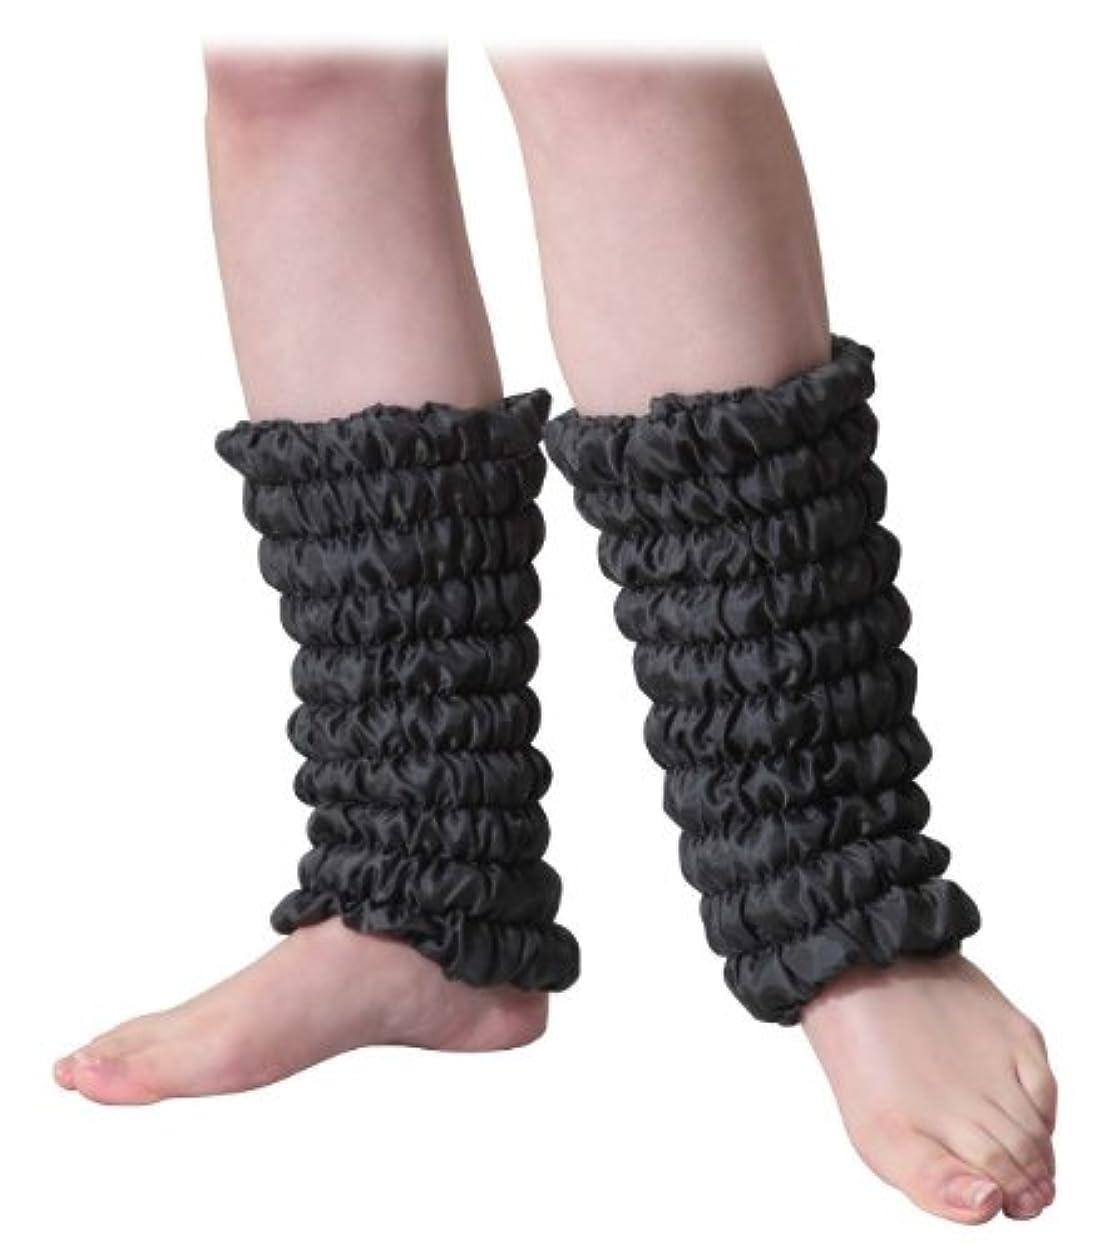 許容できる慢ないたずらな富士パックス販売 オーラ 蓄熱繊維 足湯気分 「 足首 岩盤浴 ウォーマー 」 ブラック